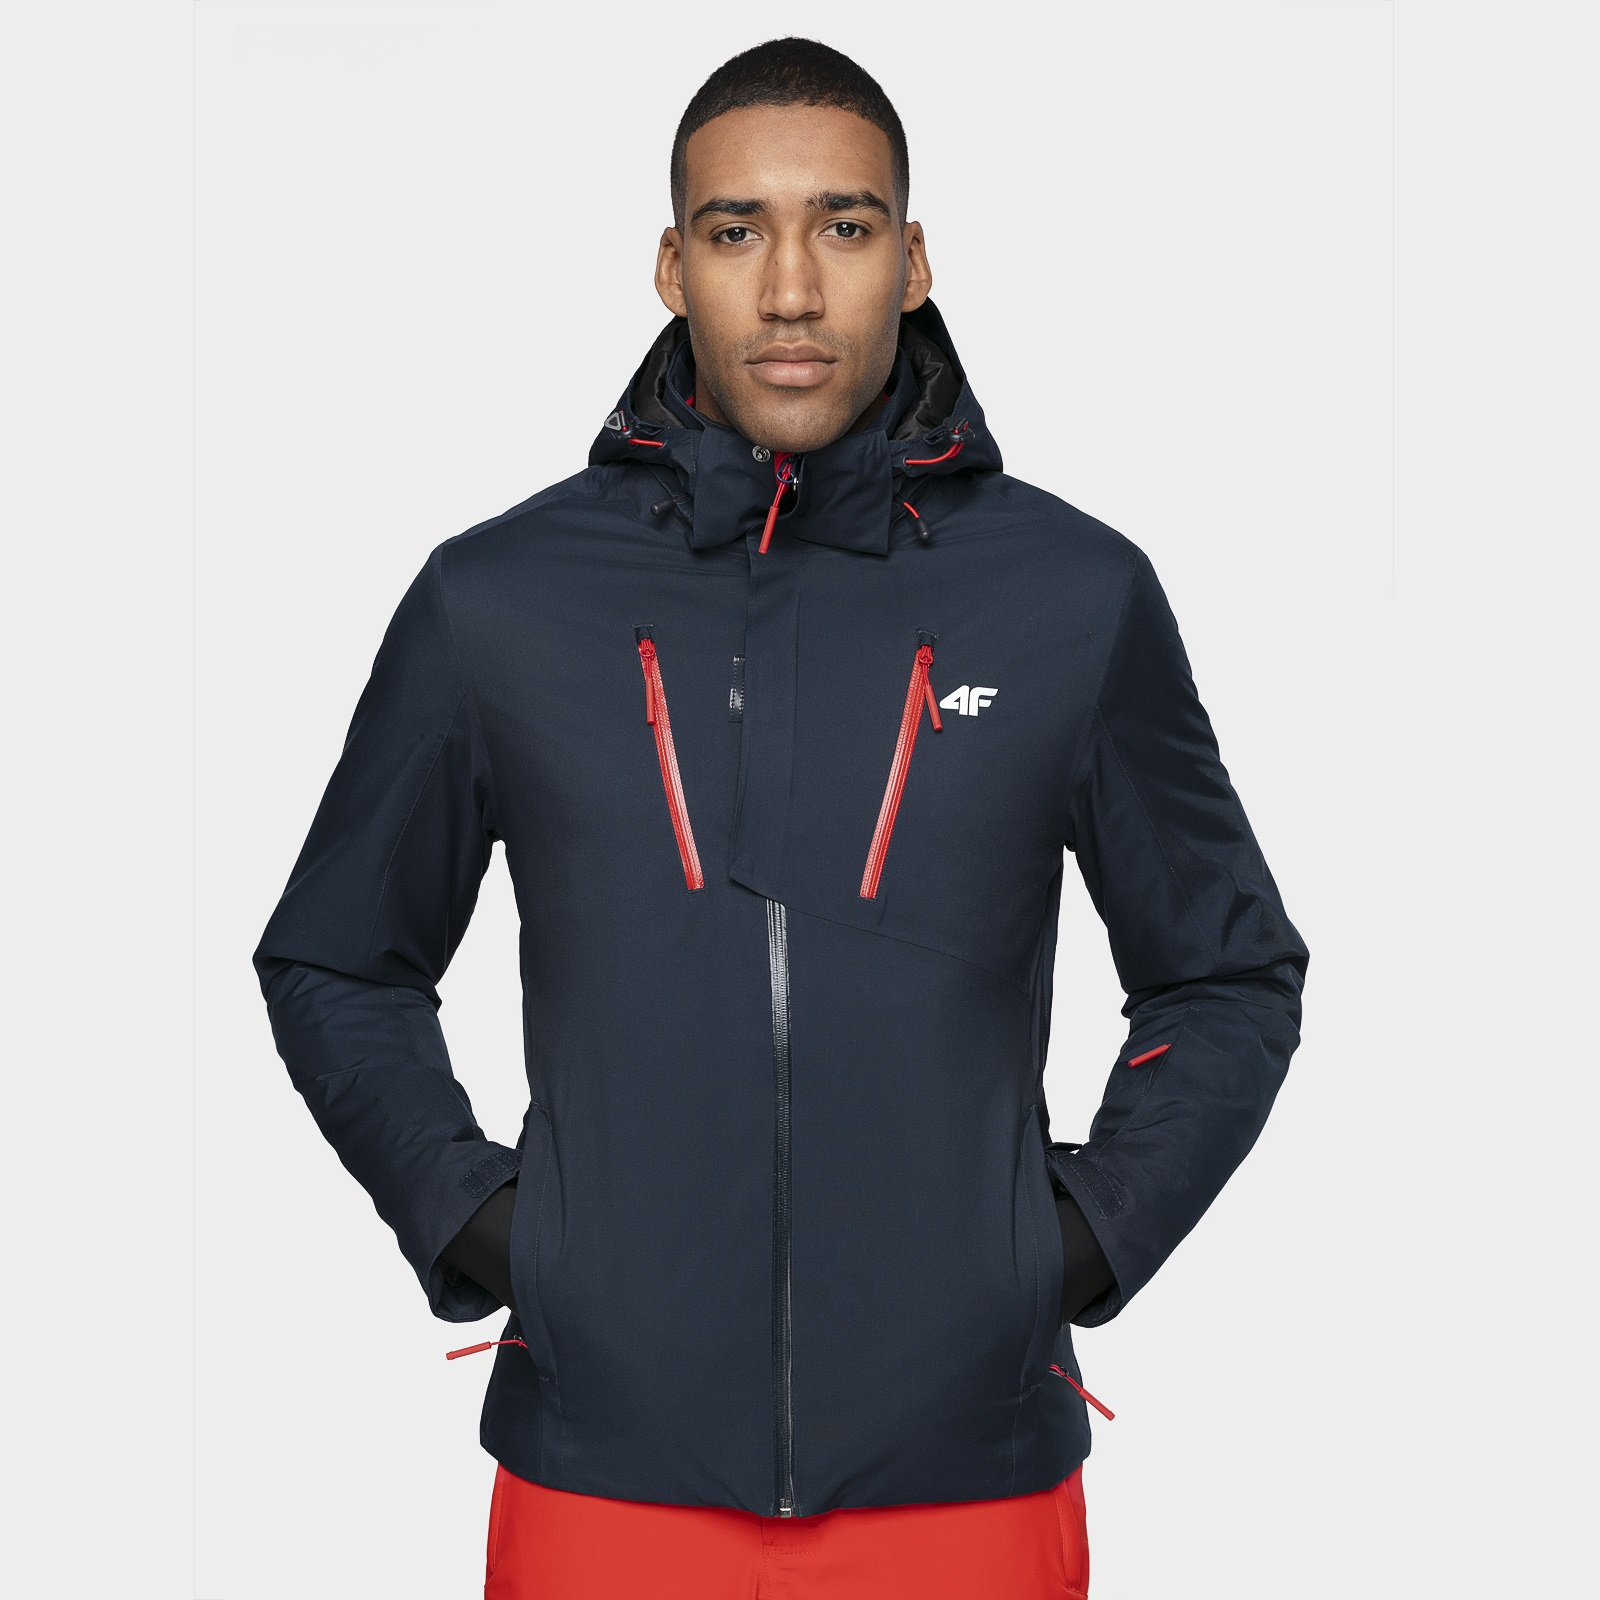 Geci Ski & Snow -  4f Men Ski Jacket KUMN072